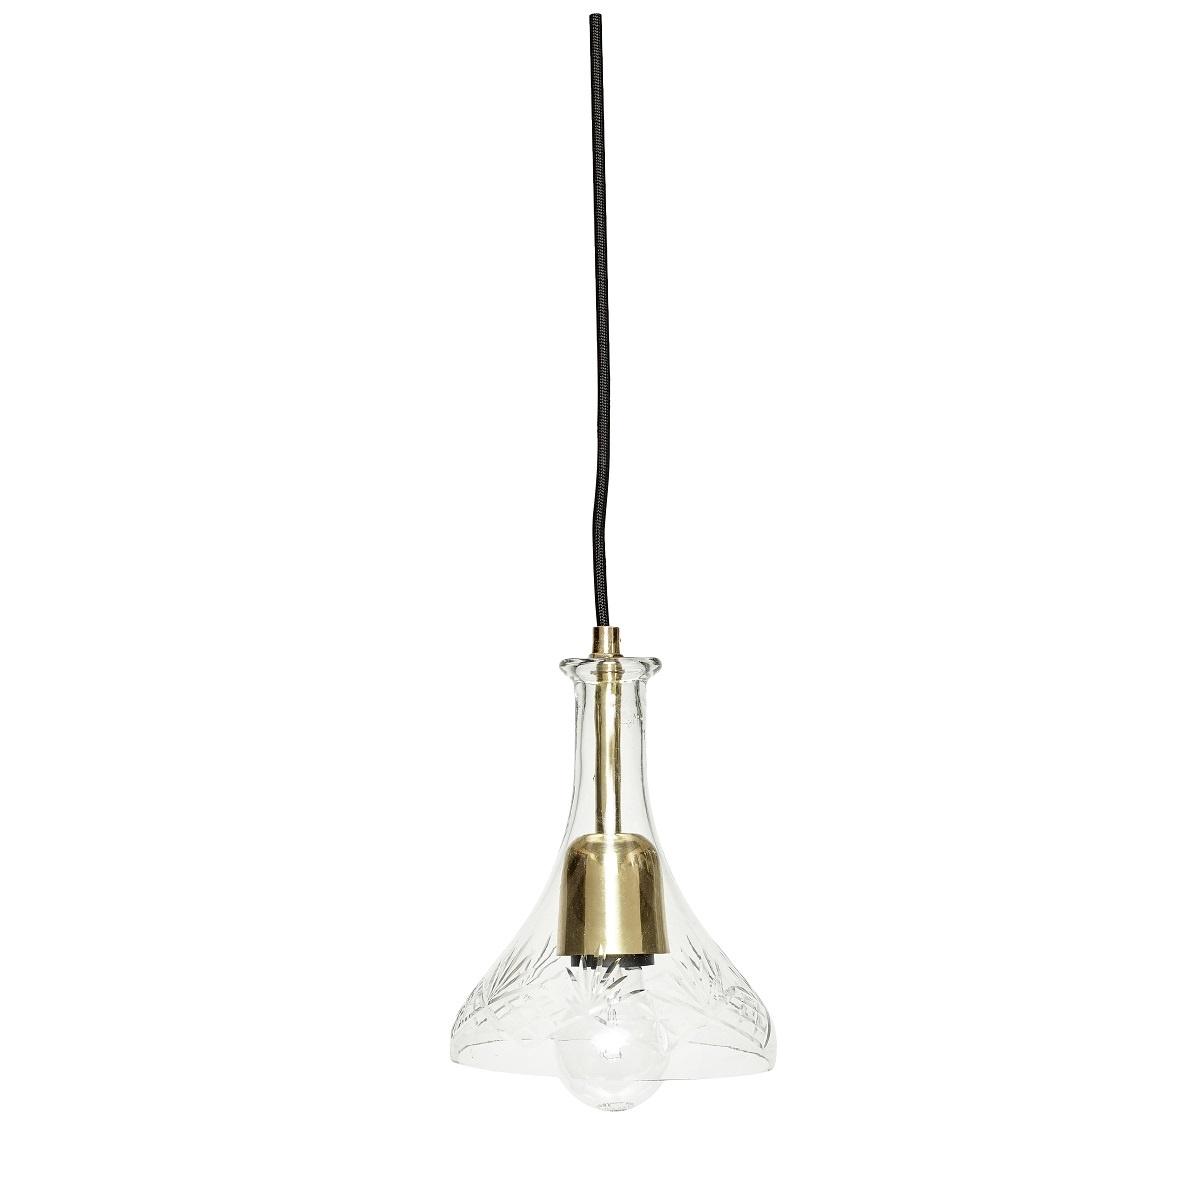 Hubsch hanglamp Verre-400128-